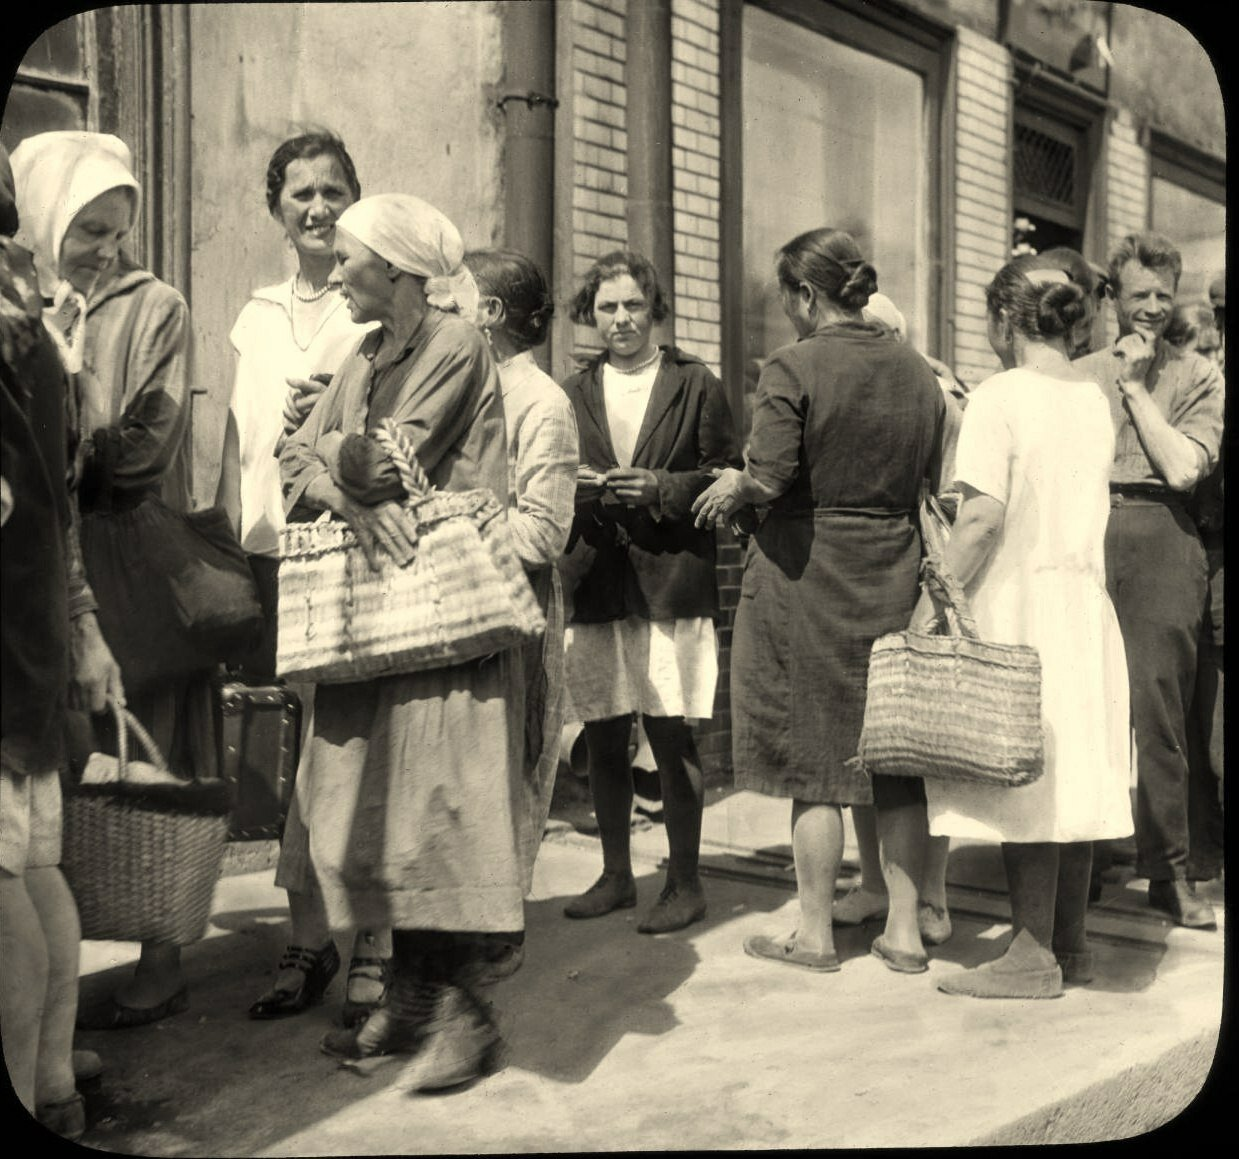 Москва. Уличная сцена с людьми в очереди